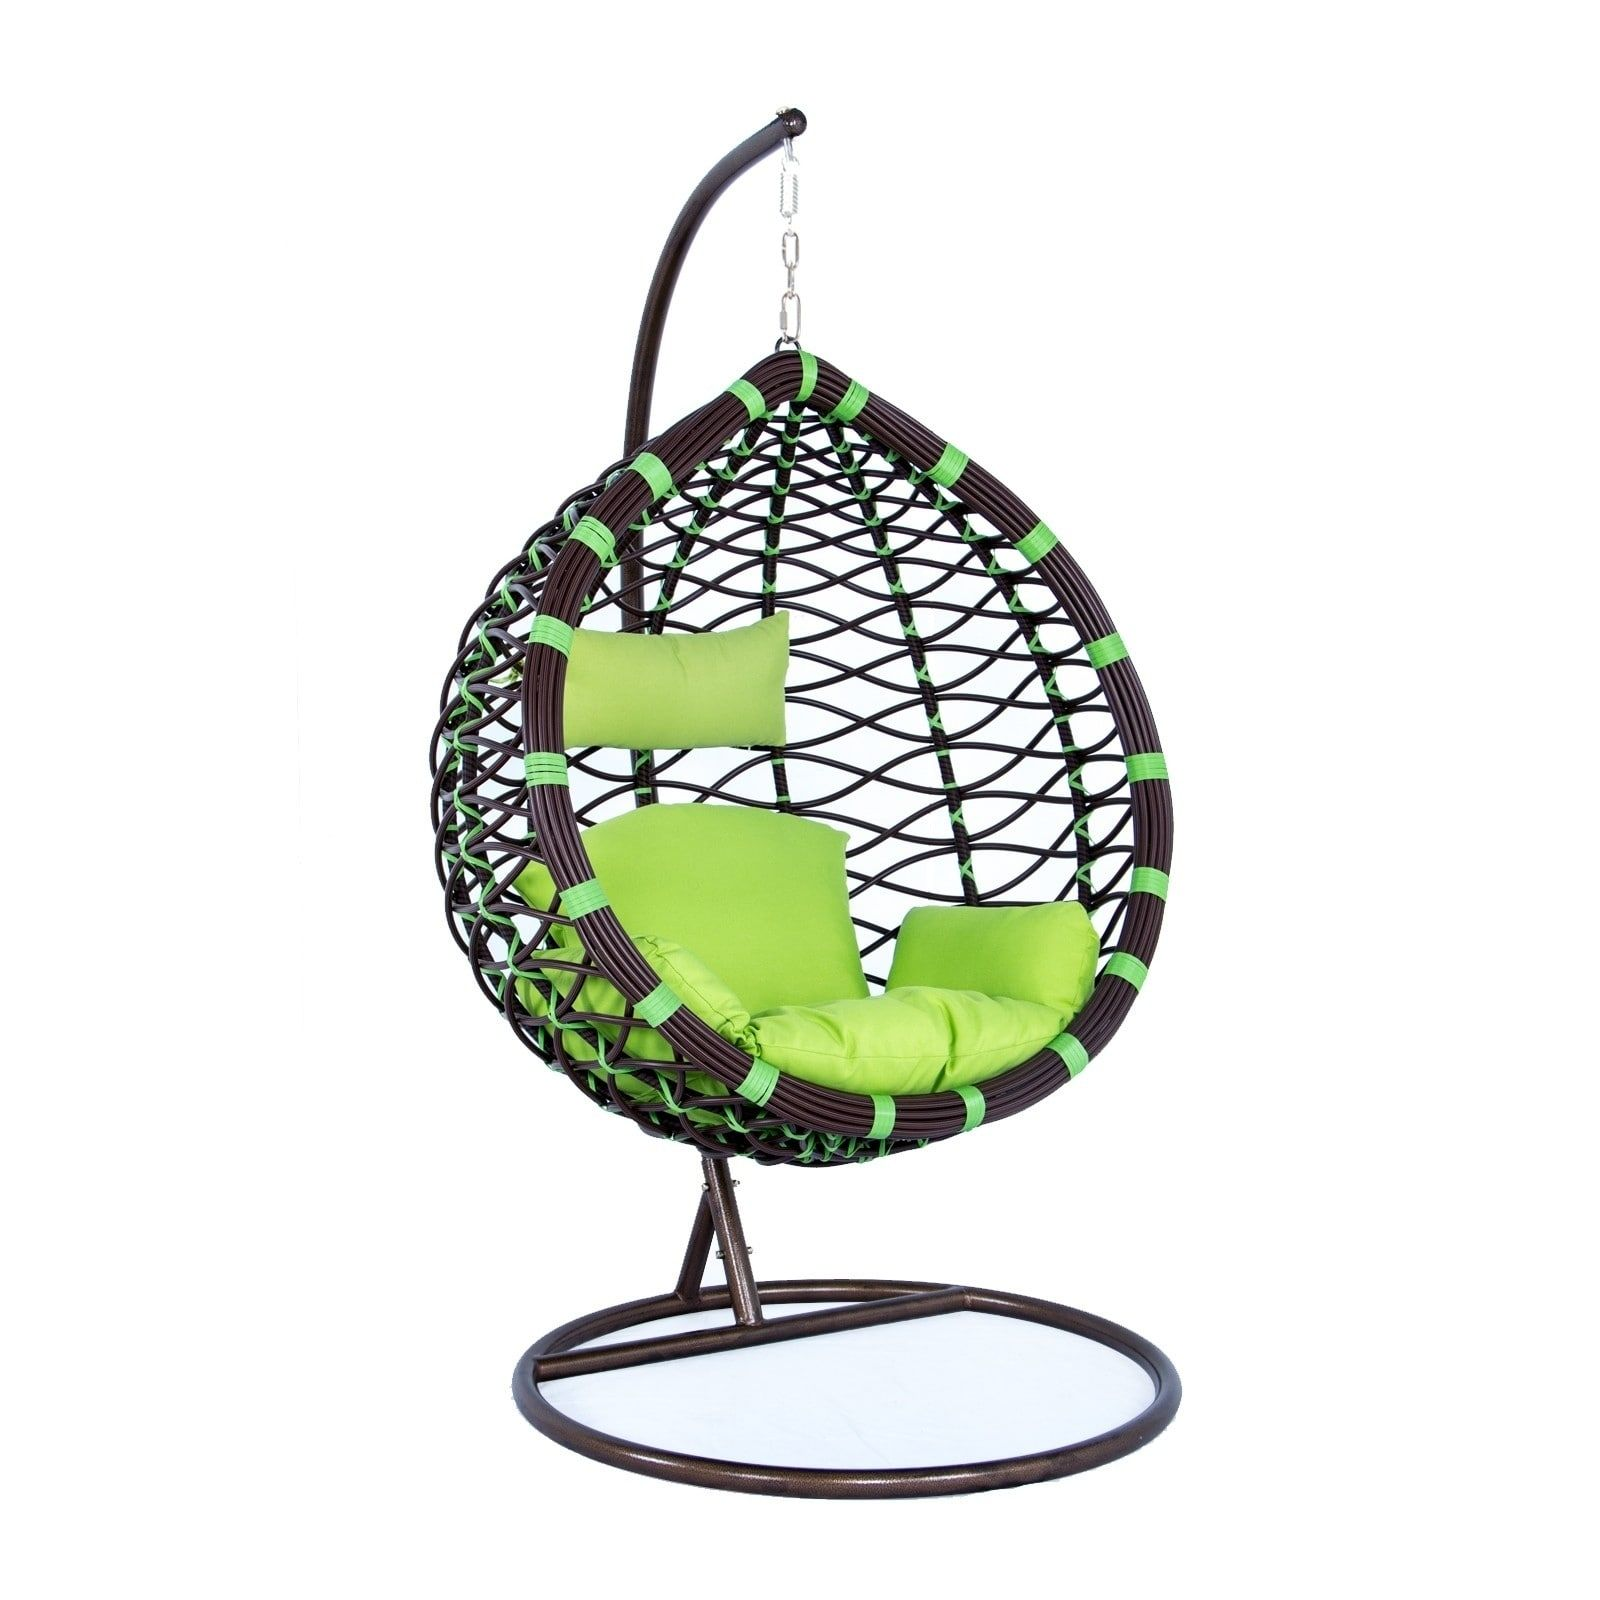 LeisureMod Indoor Outdoor Wicker Hanging Egg Swing Chair